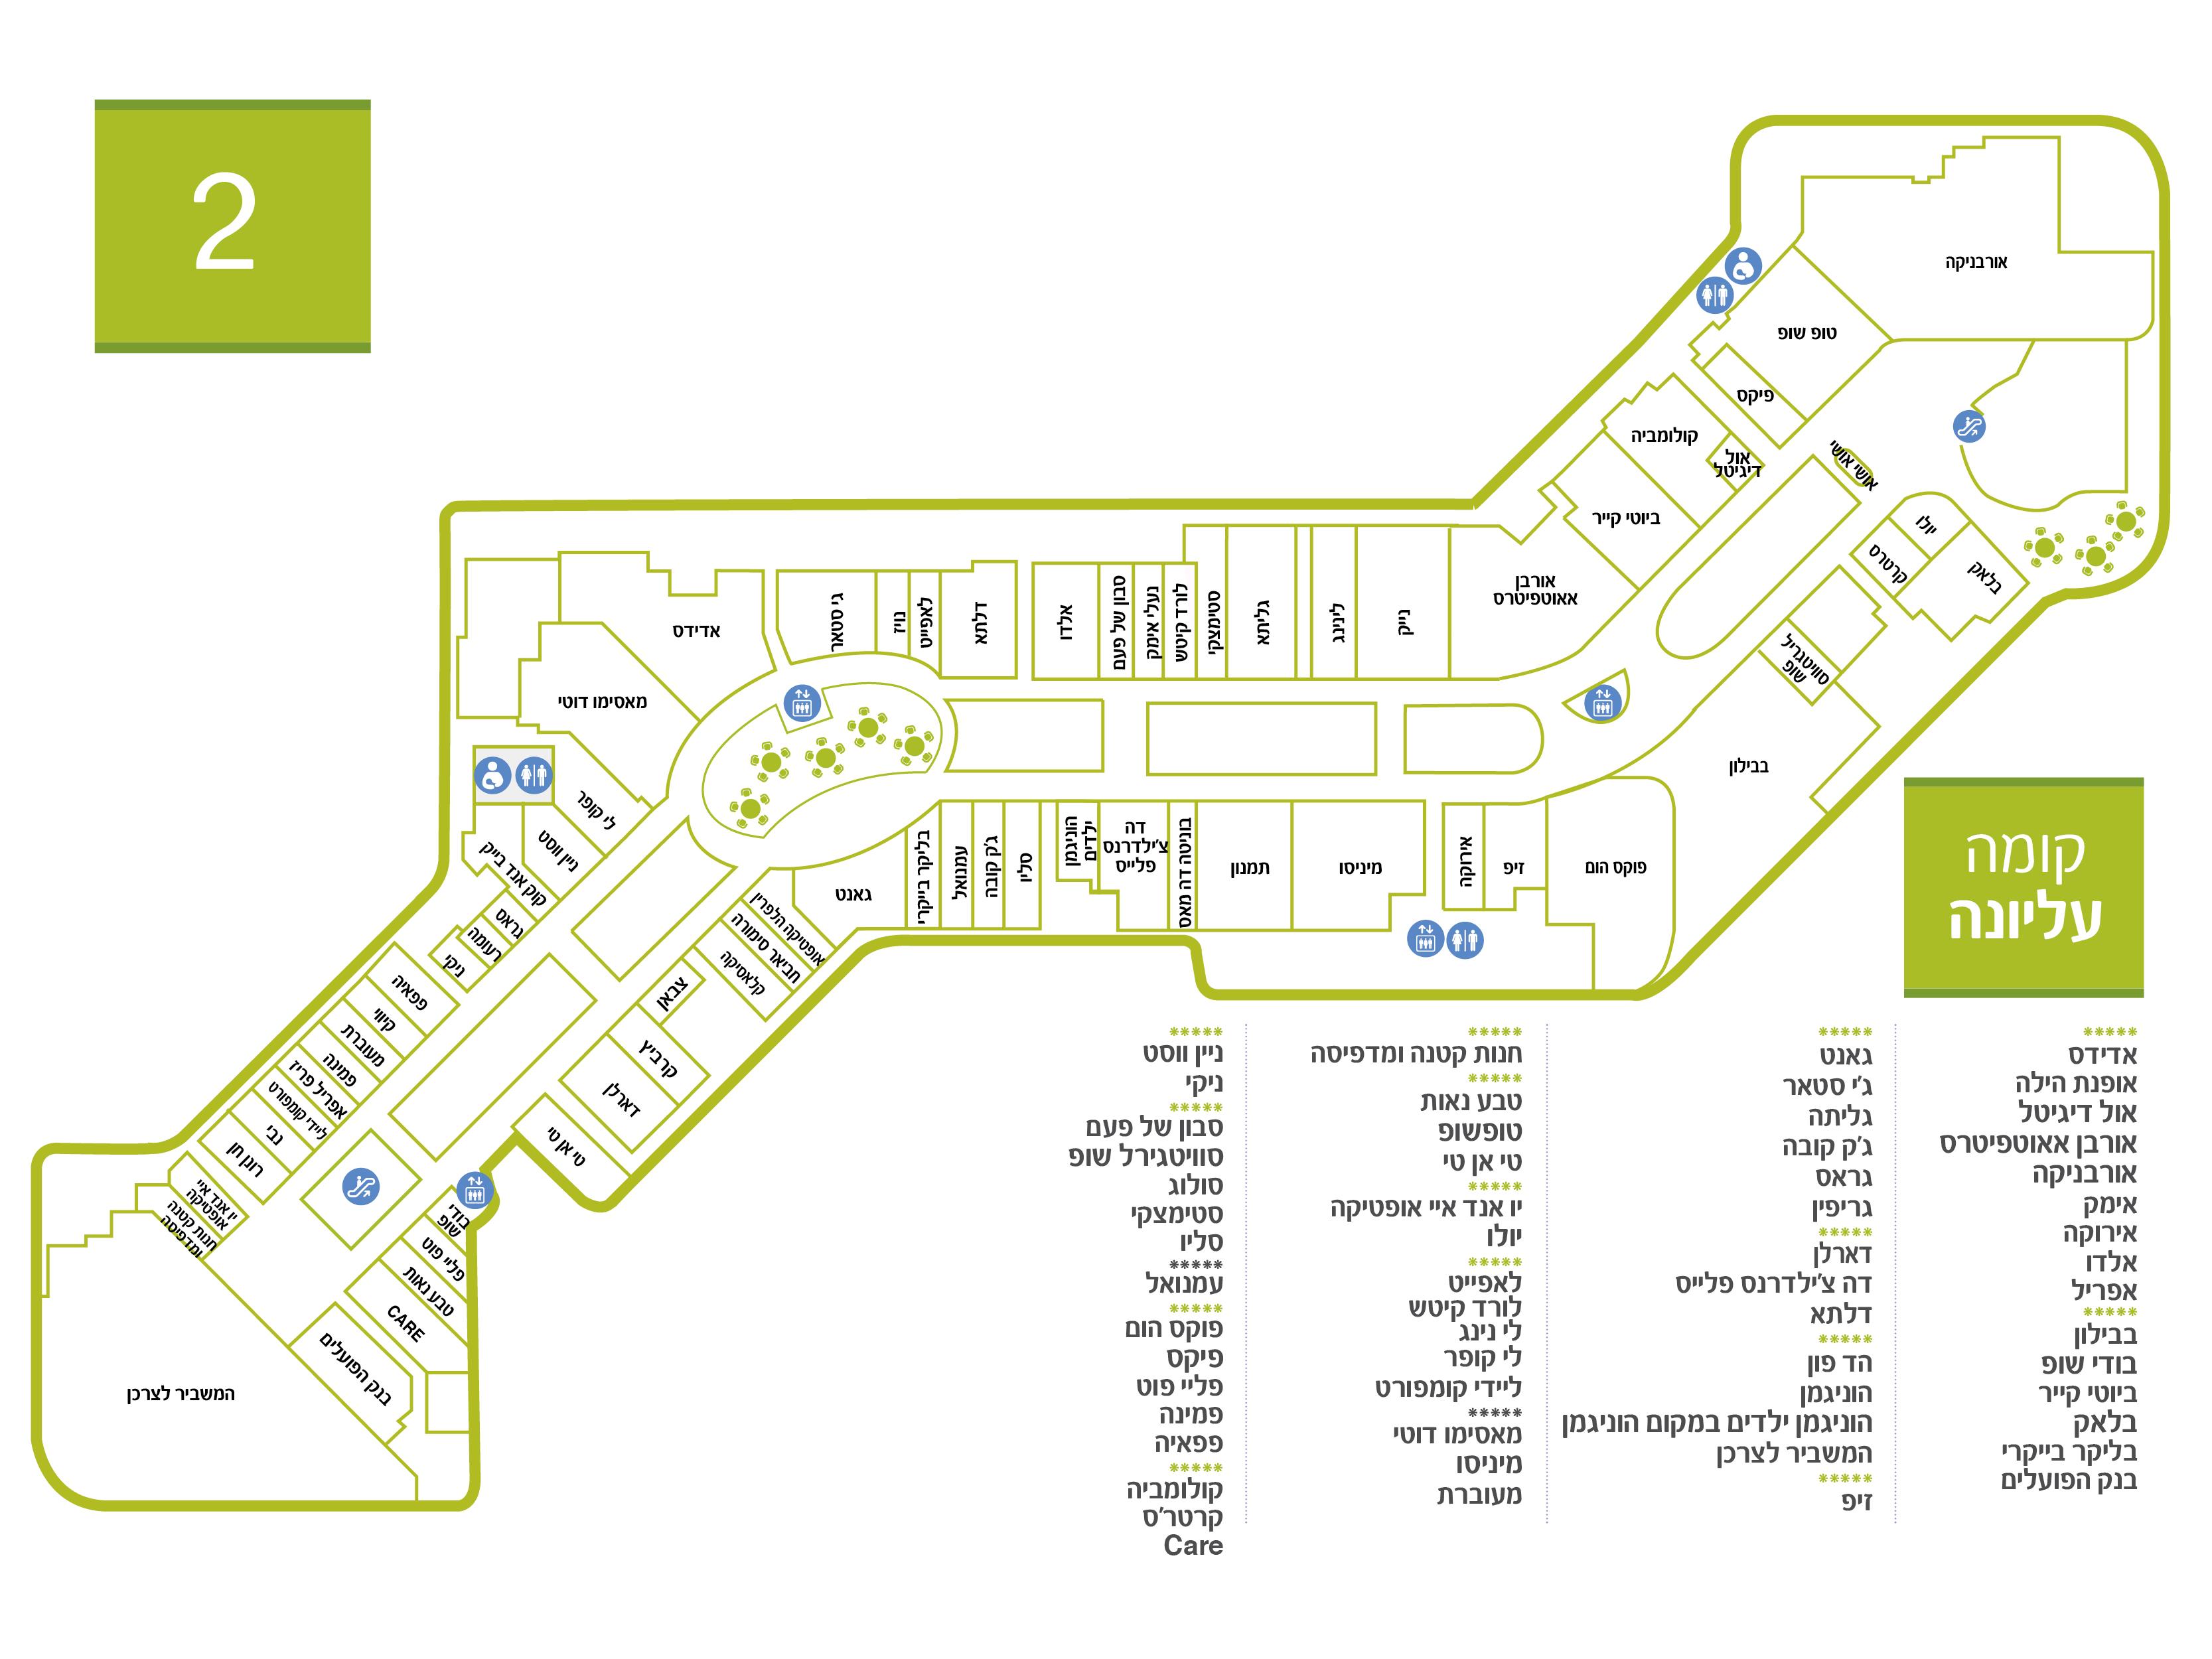 555883-map-black_800x600_floor_2